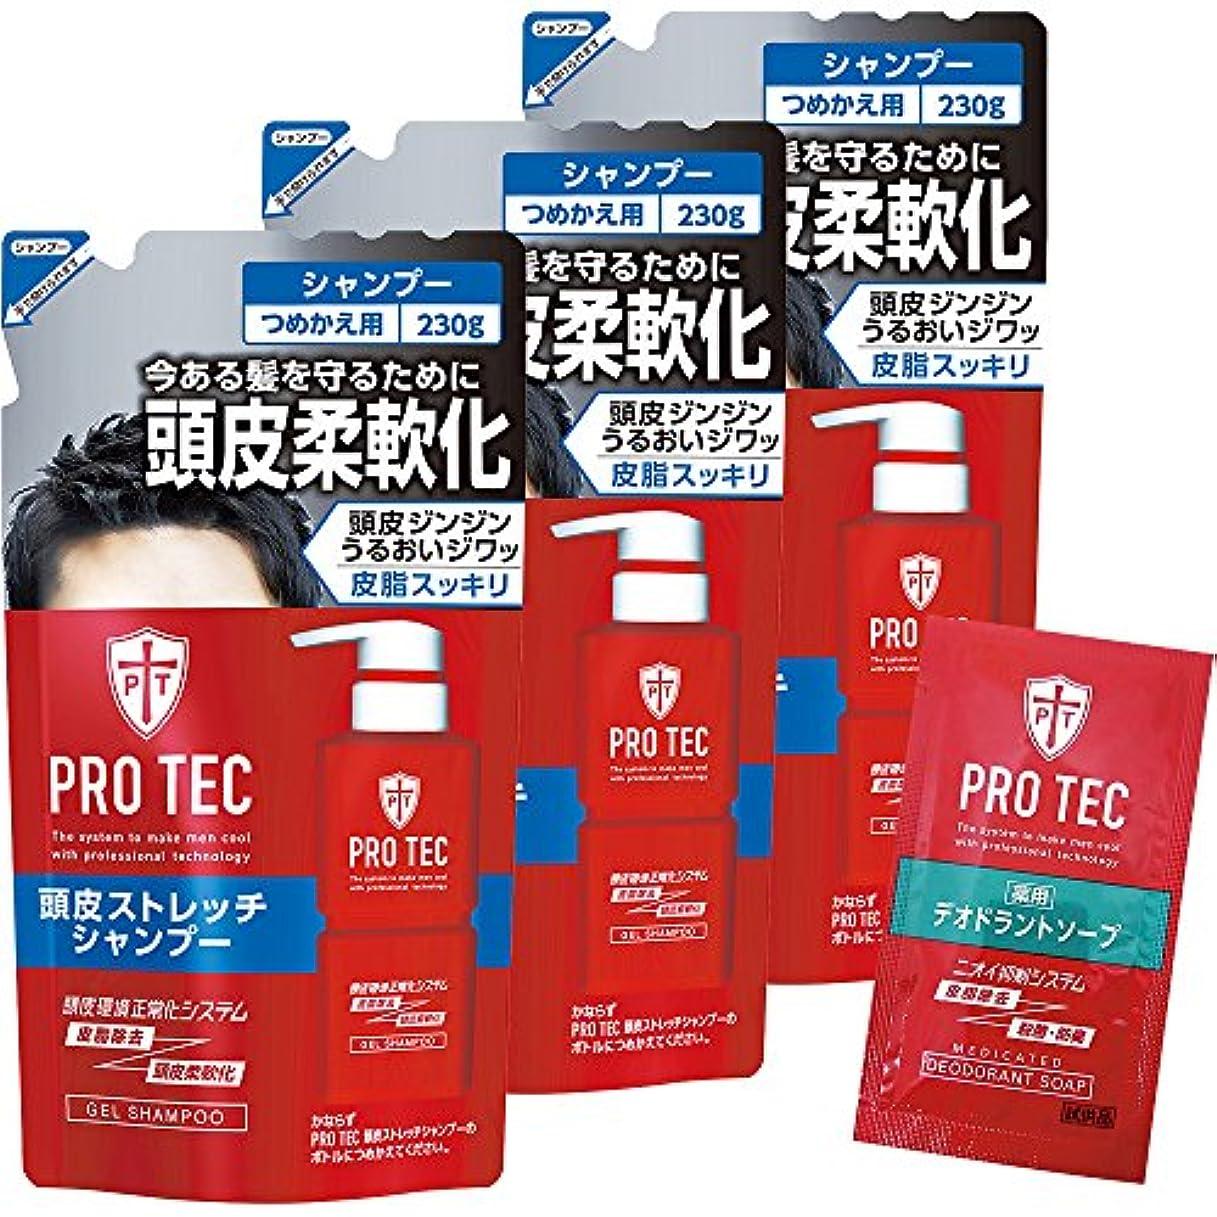 安定しましたどれかスケジュール【Amazon.co.jp限定】PRO TEC(プロテク) 頭皮ストレッチ シャンプー 詰め替え 230g×3個パック+デオドラントソープ1回分付(医薬部外品)